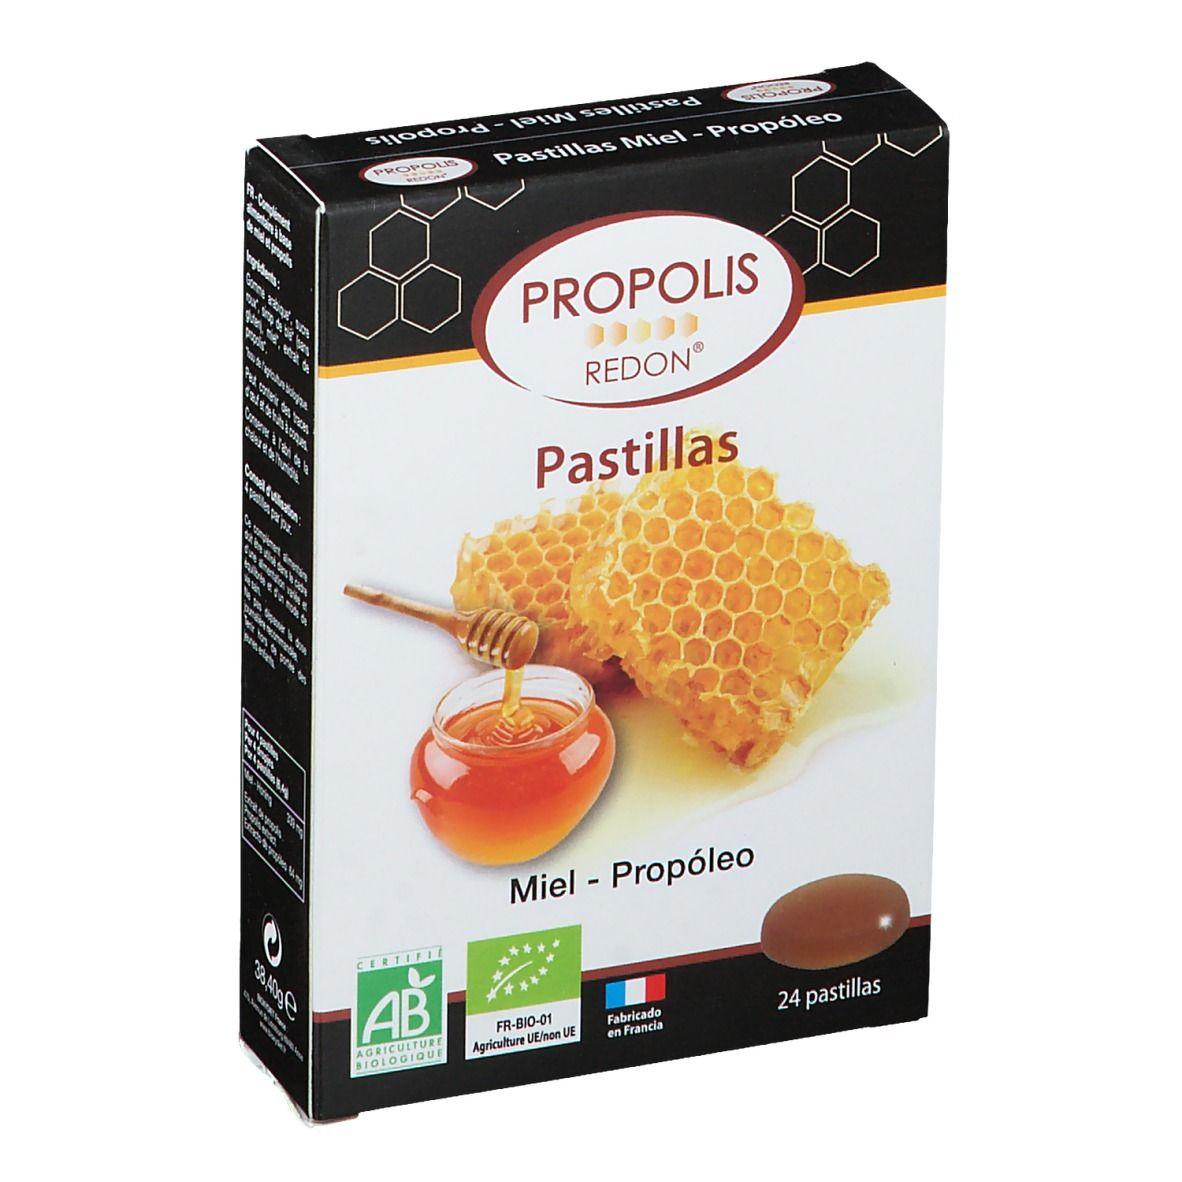 Propolis Redon® Pastilles Miel - Propolis pc(s) pastille(s)